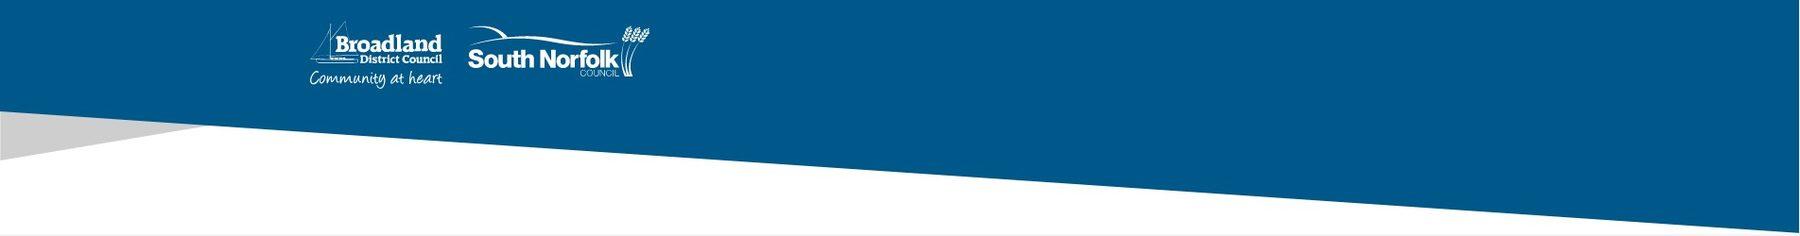 Organisation Image (South Norfolk & Broadland Councils: Worded Header)